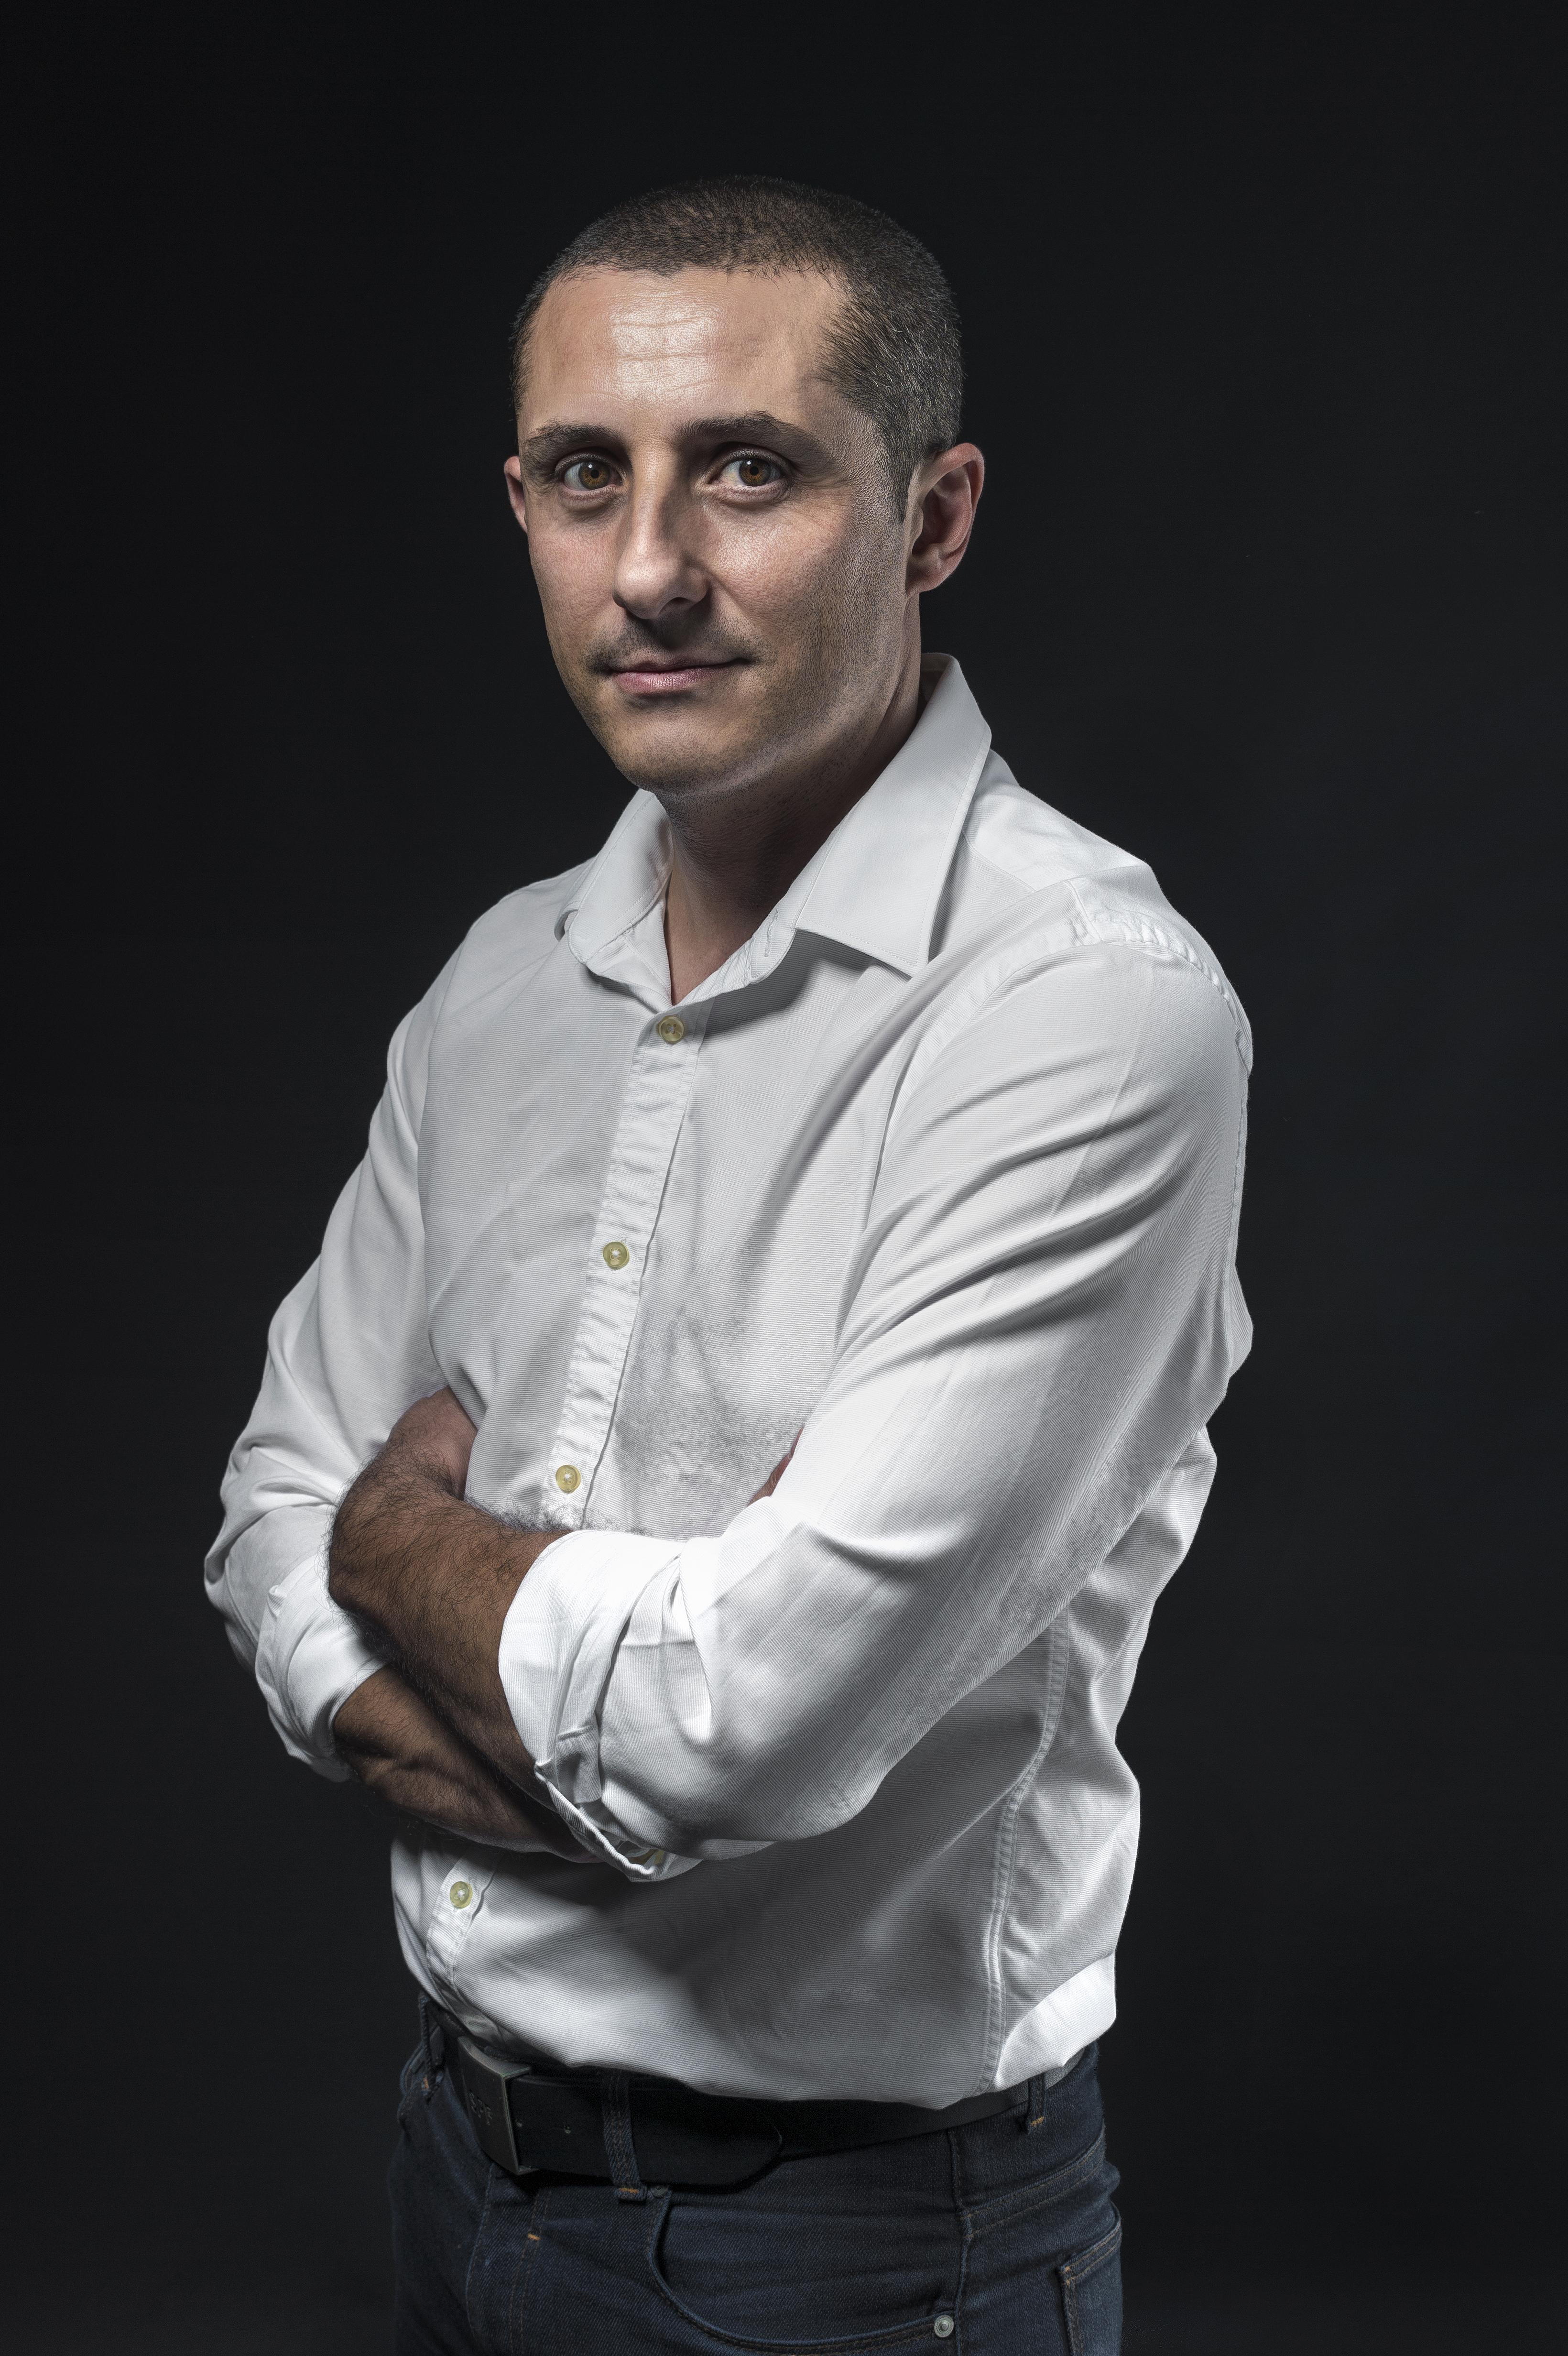 Francisco Torreblanca